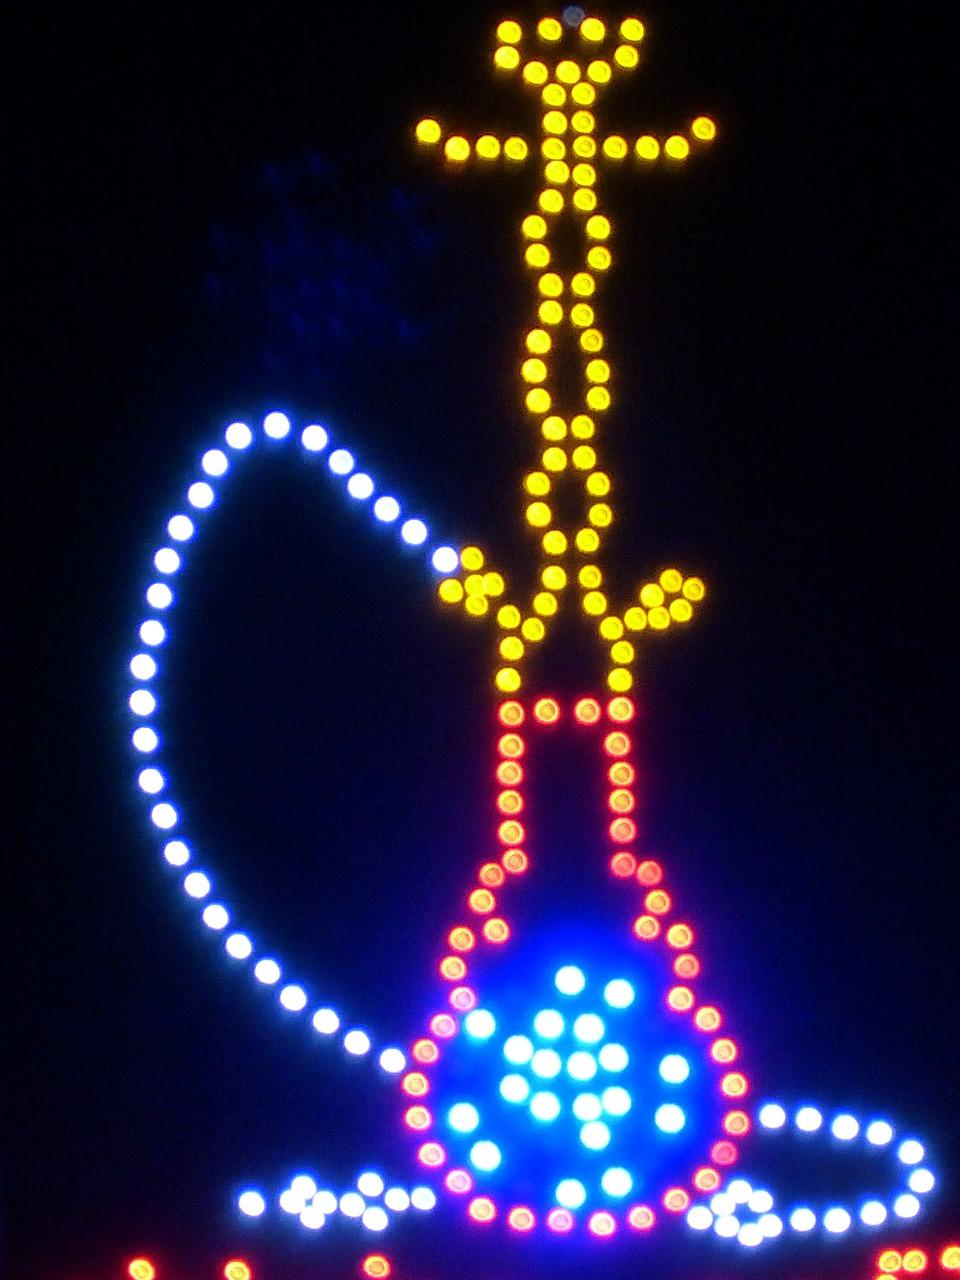 led-light-93810_1280.jpg